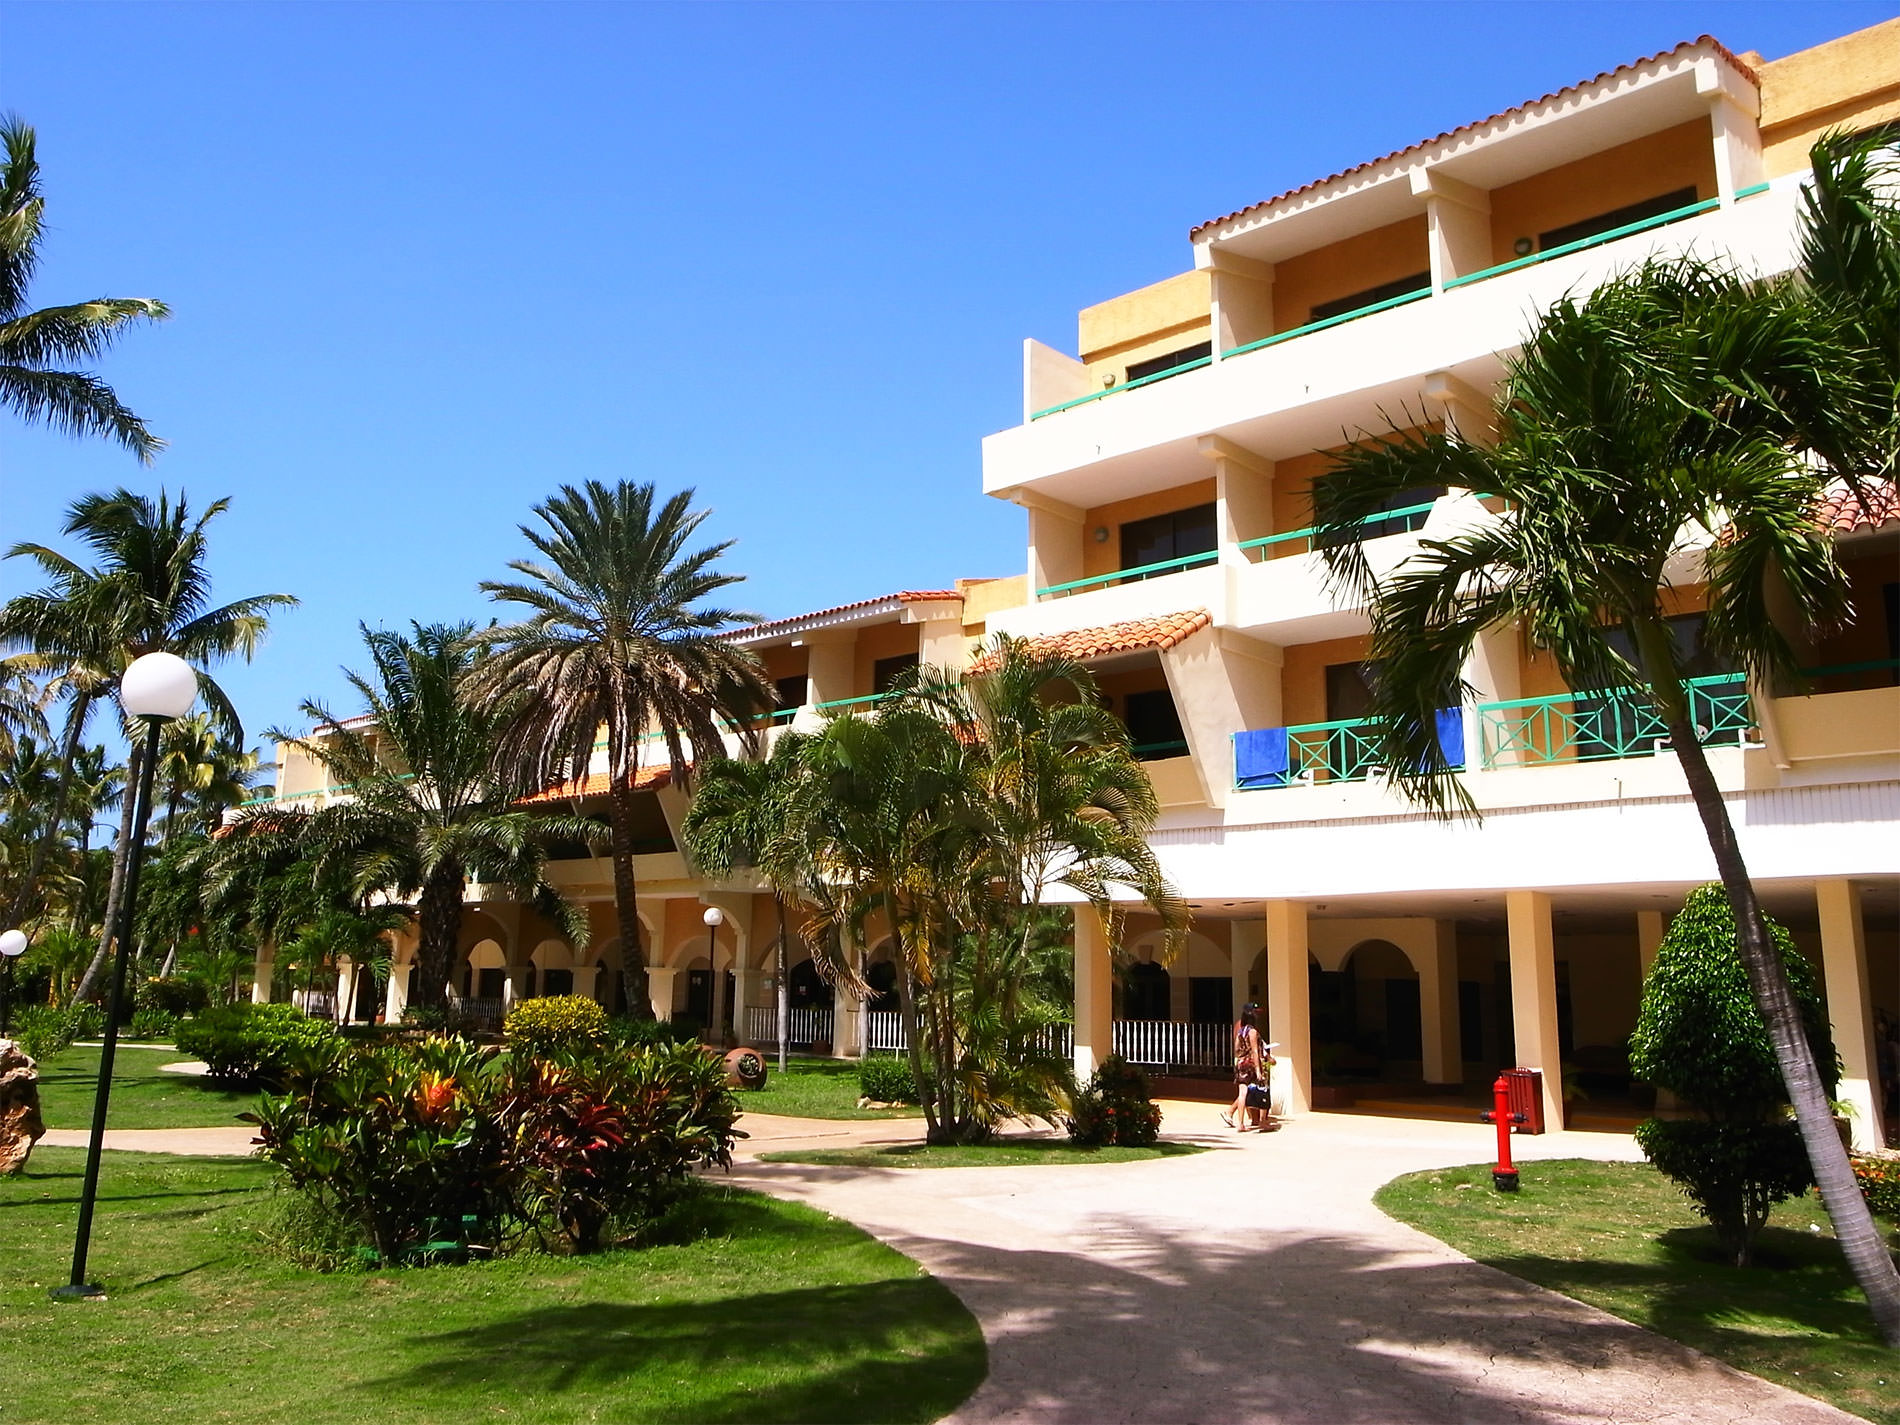 キューバ・バラデロでビーチリゾートとカリブ海と